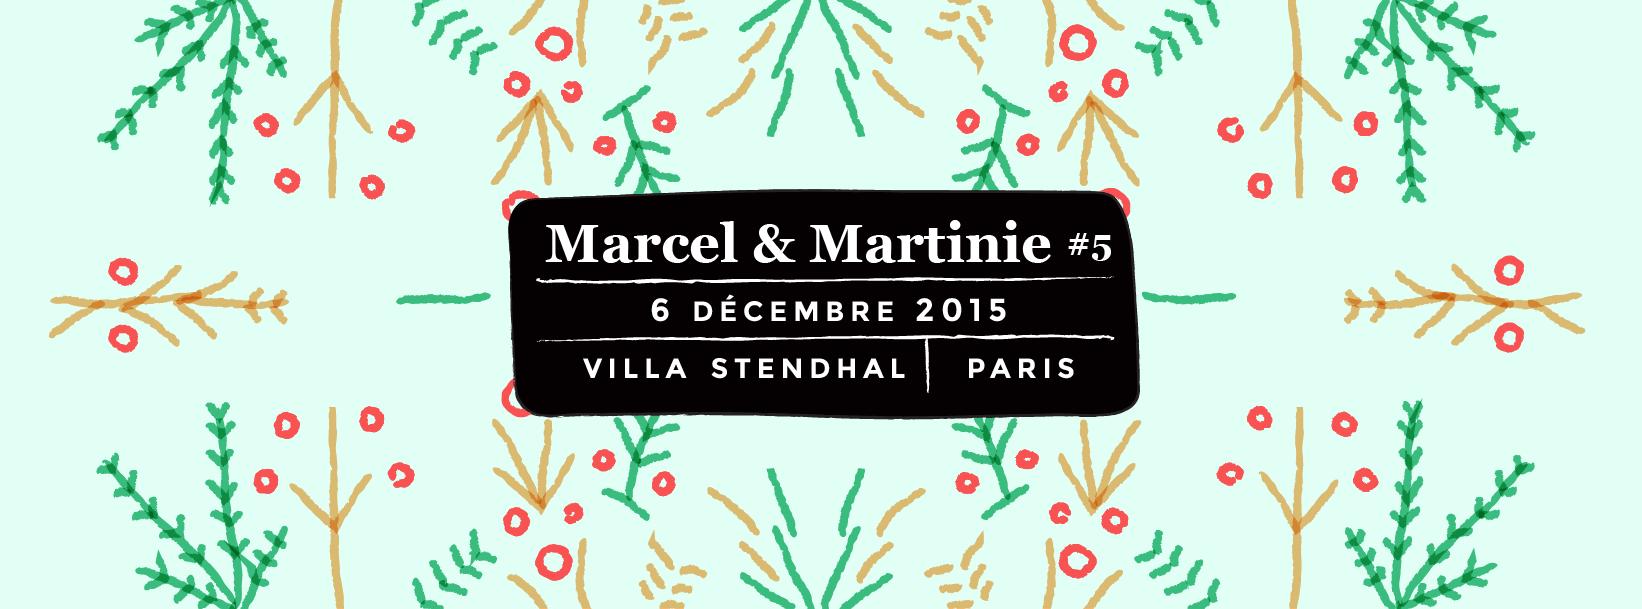 marcel et martini-04